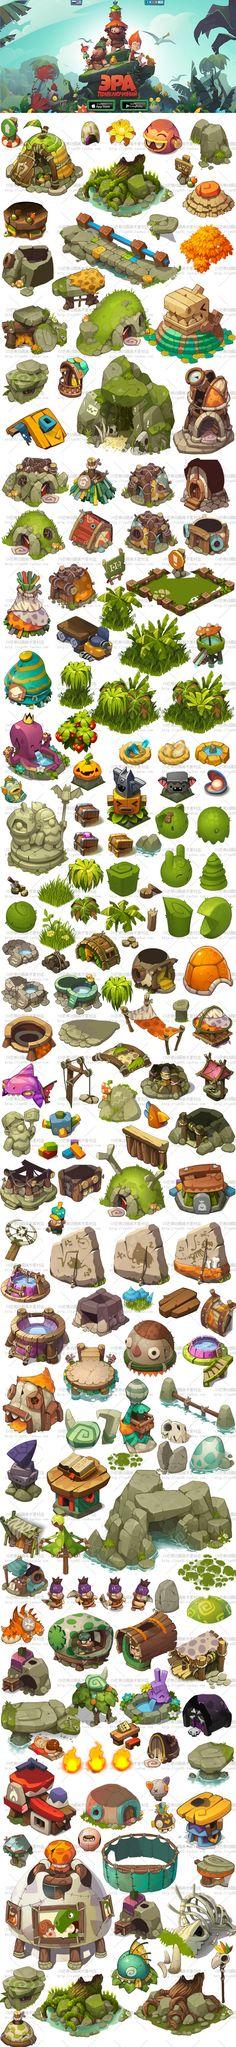 游戏原画资源 场景素材 2D资源 可爱卡...@旧碎安河采集到ui游戏设计(2241图)_花瓣UI/UX